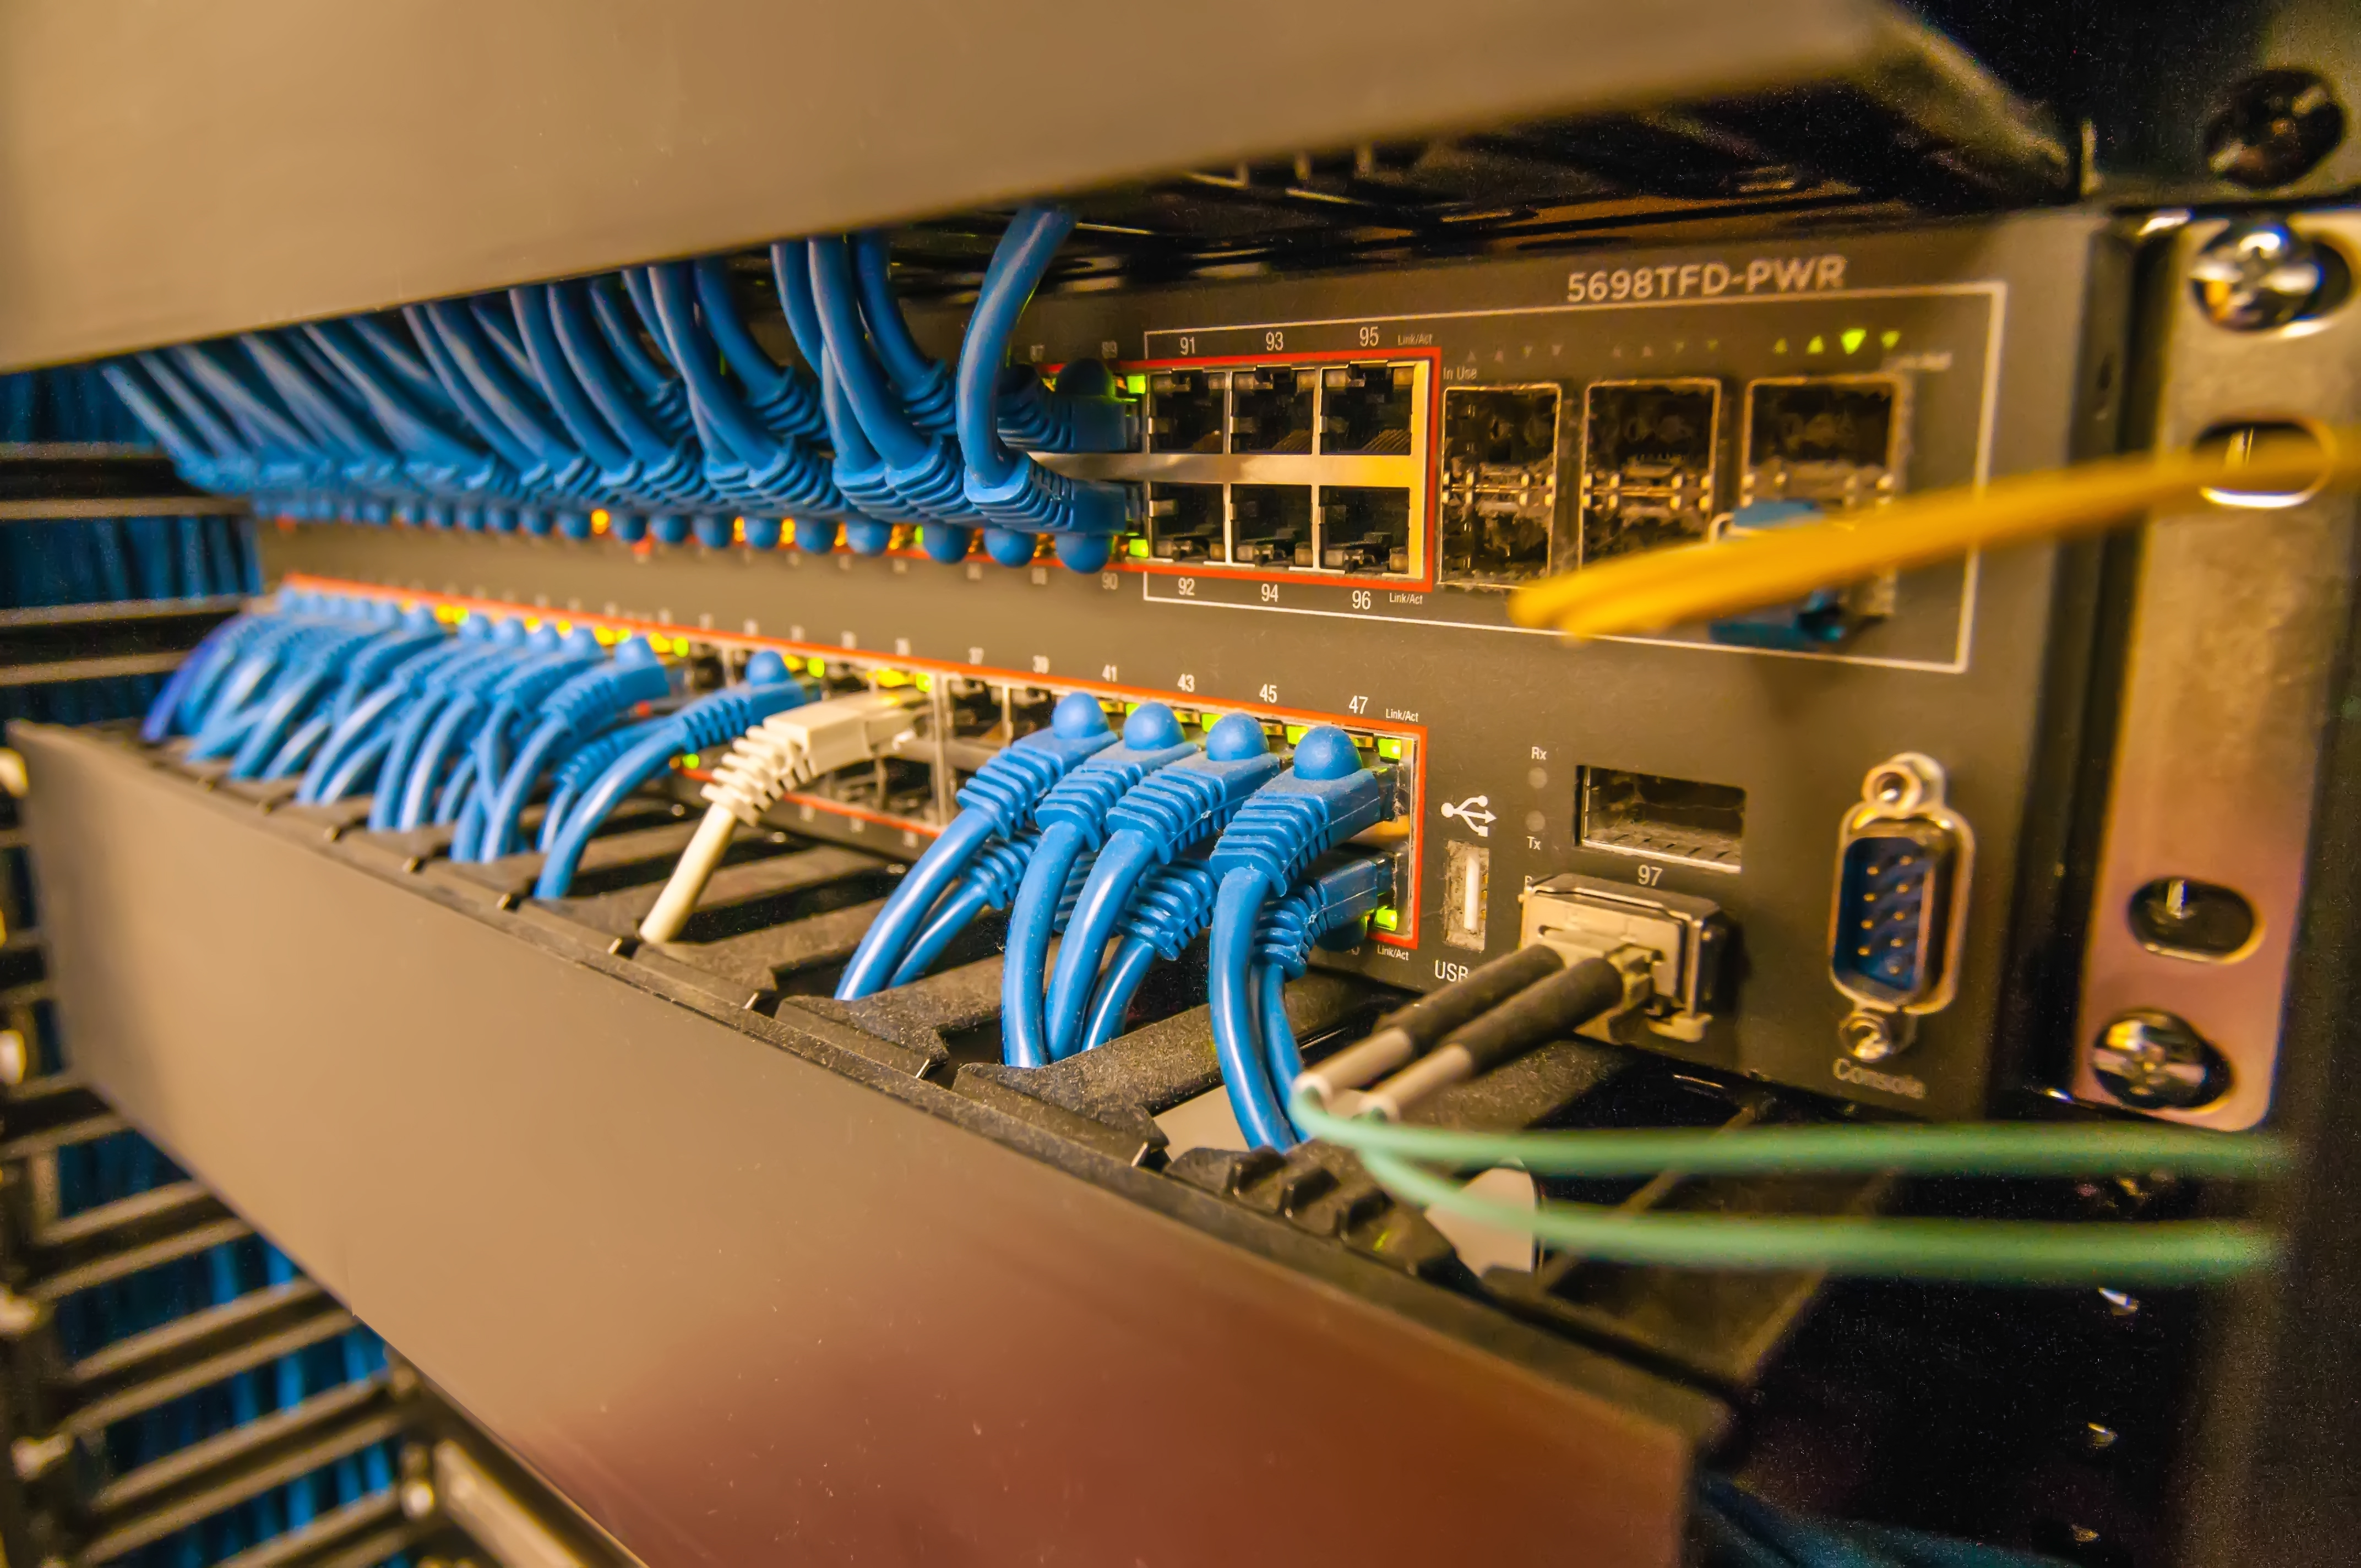 Mantenimiento informatico madrid cableado estructurado madrid - Mantenimiento informatico madrid ...